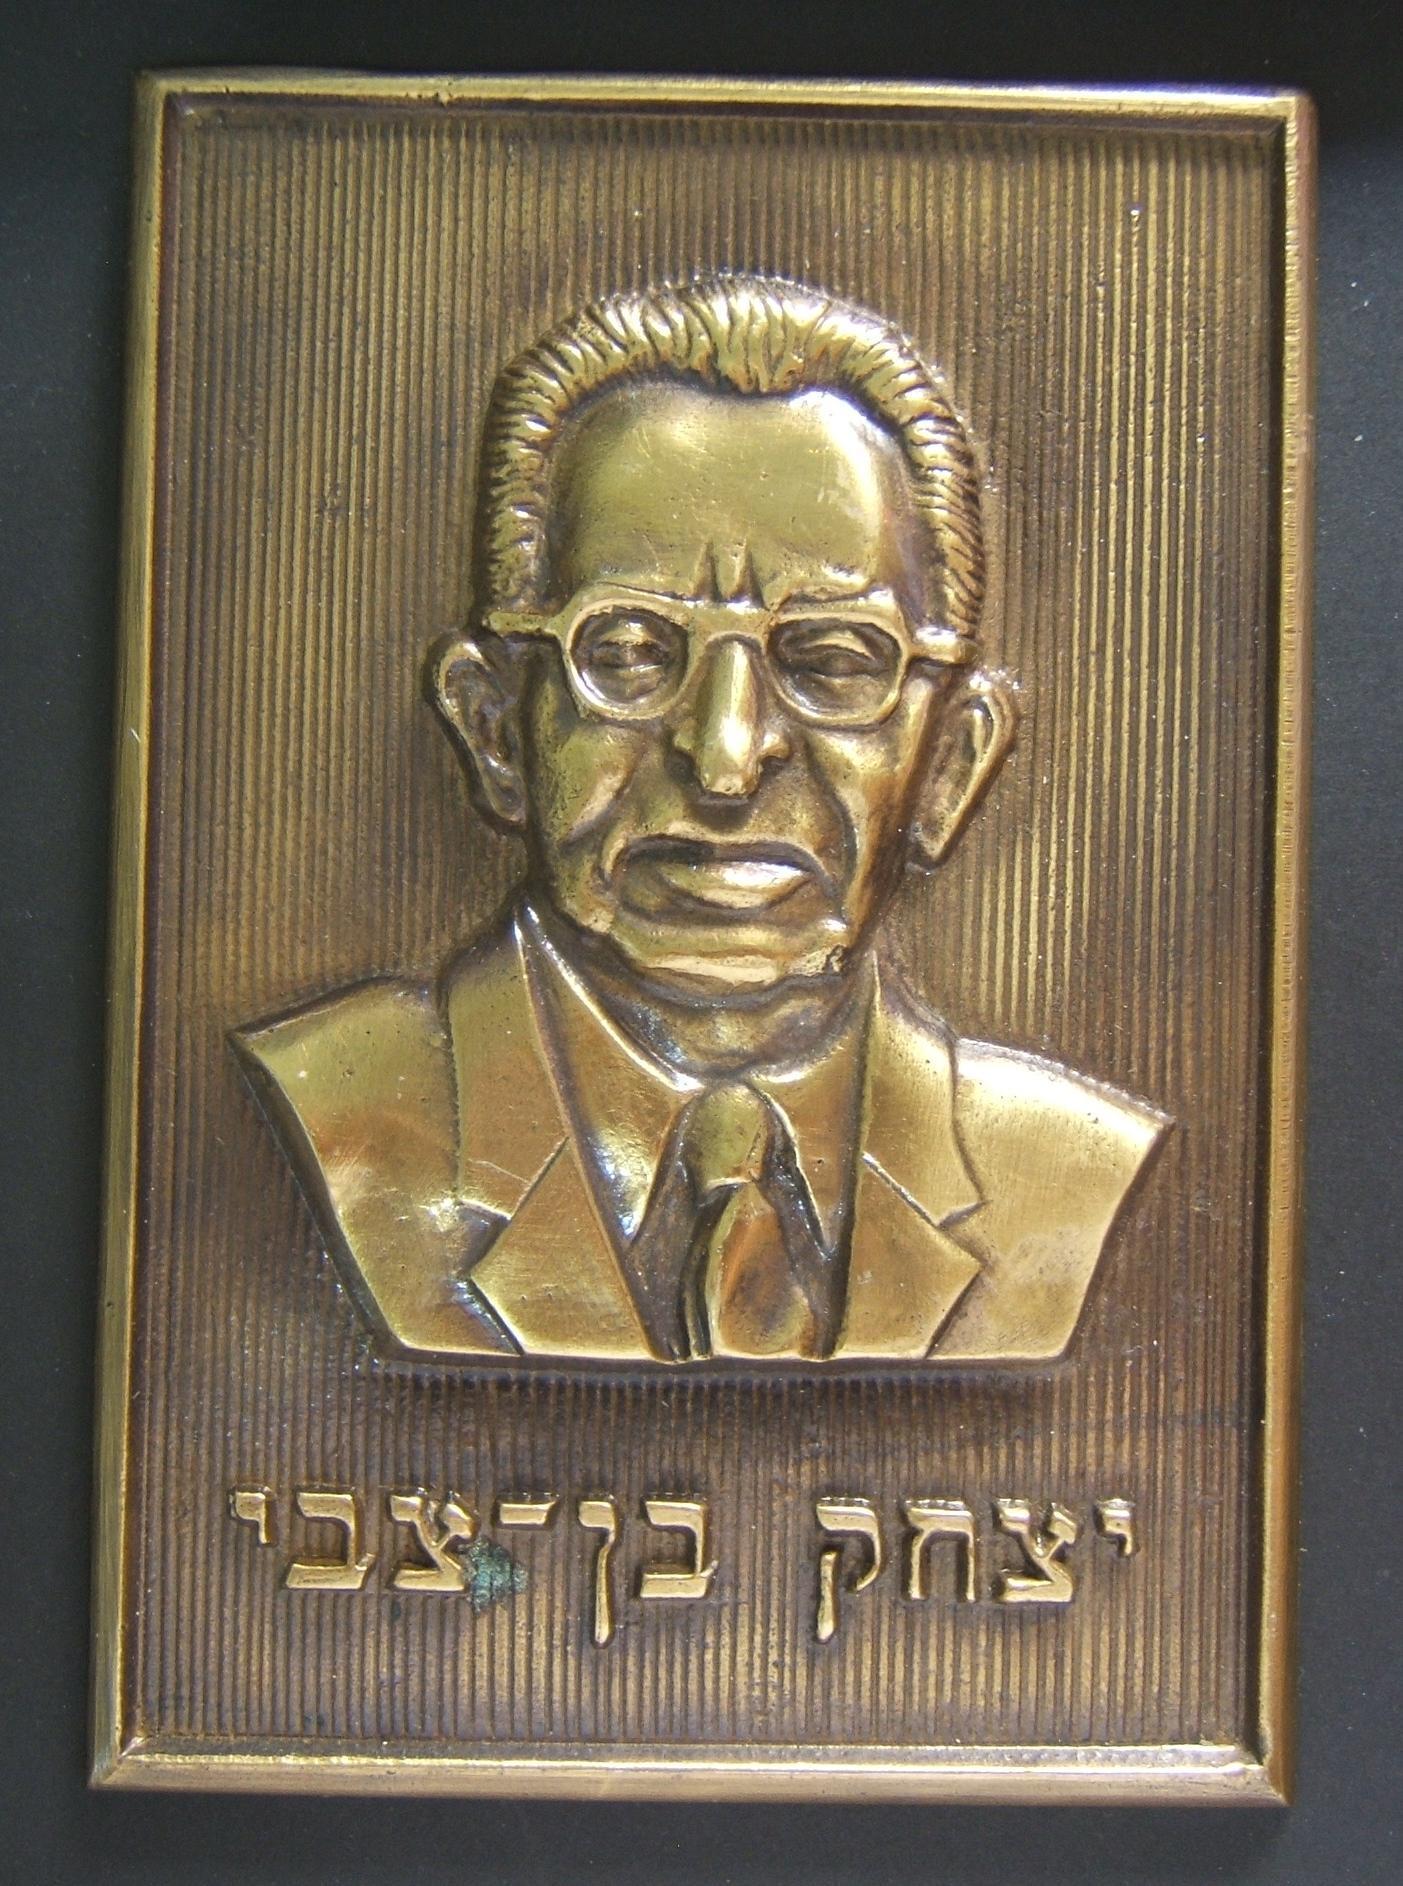 Israel: [Präsident] Yitzhak Ben-Zvi, Plakette von Yehuda Hershkovitz, ND (ca. 1952-1963); Guss aus Messing oder vermessingter Bronze mit lackierter Oberfläche; Größe: 11,1 x 15,85